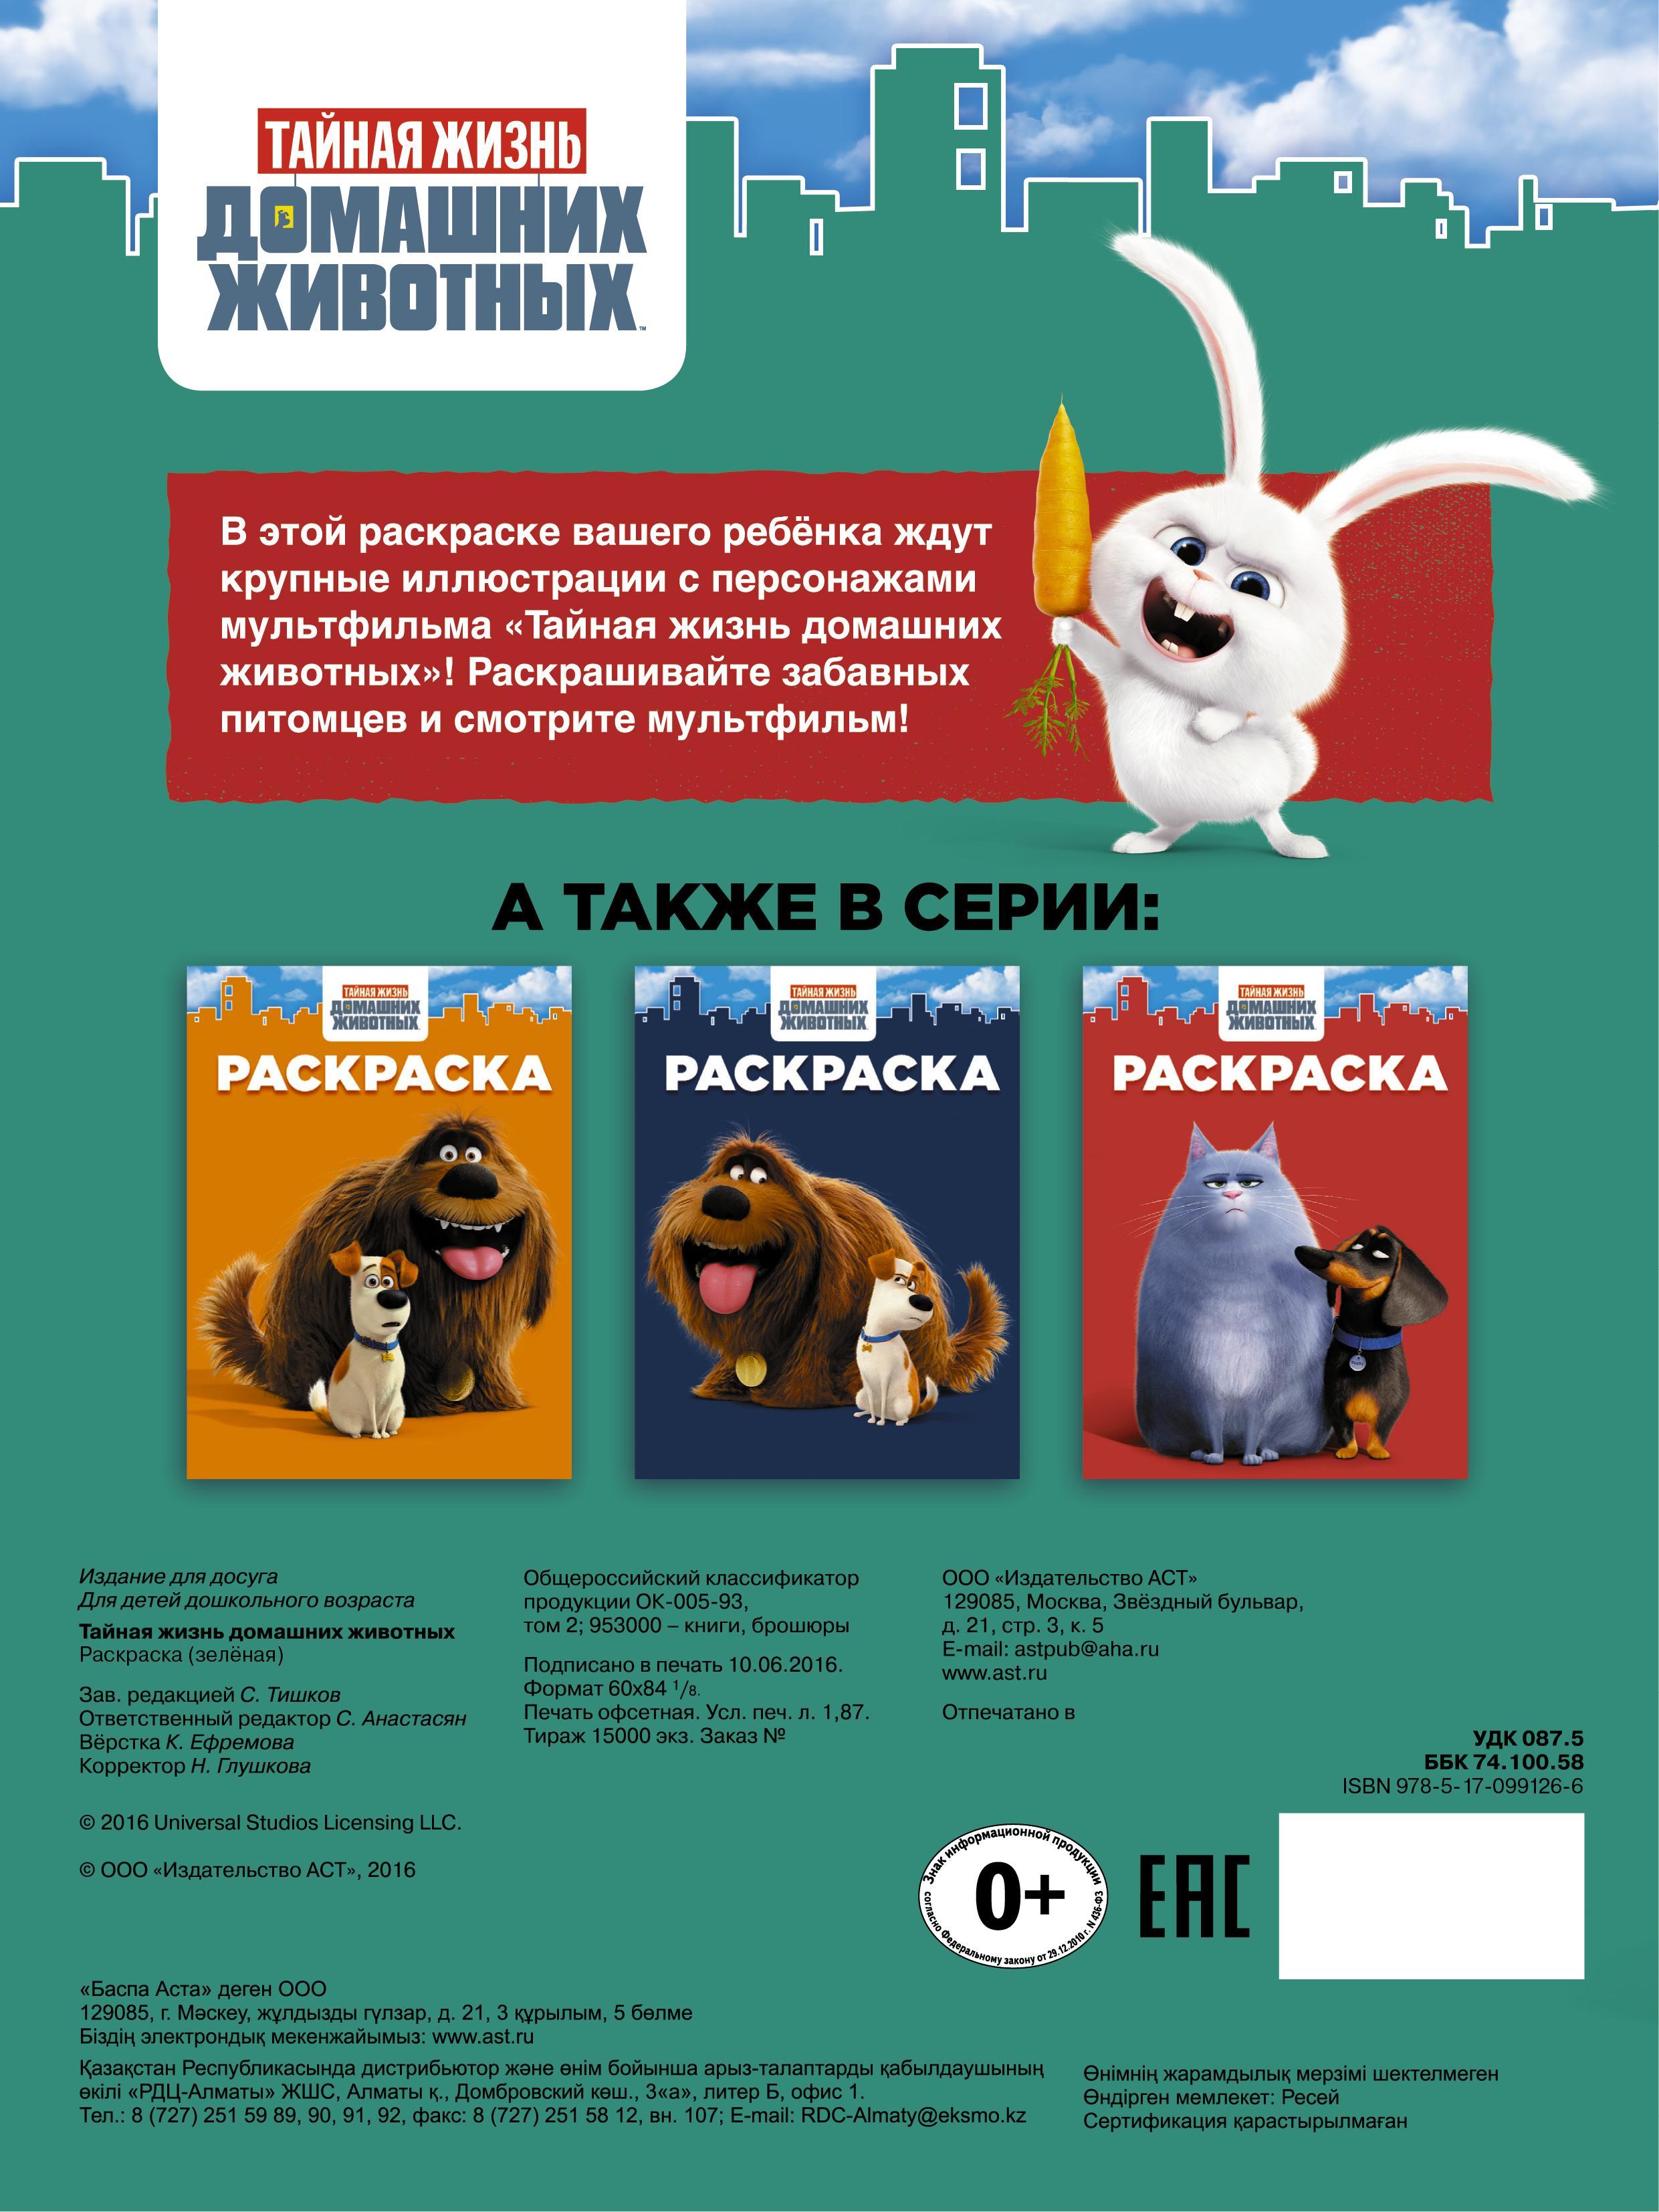 Тайная жизнь домашних животных. Раскраска